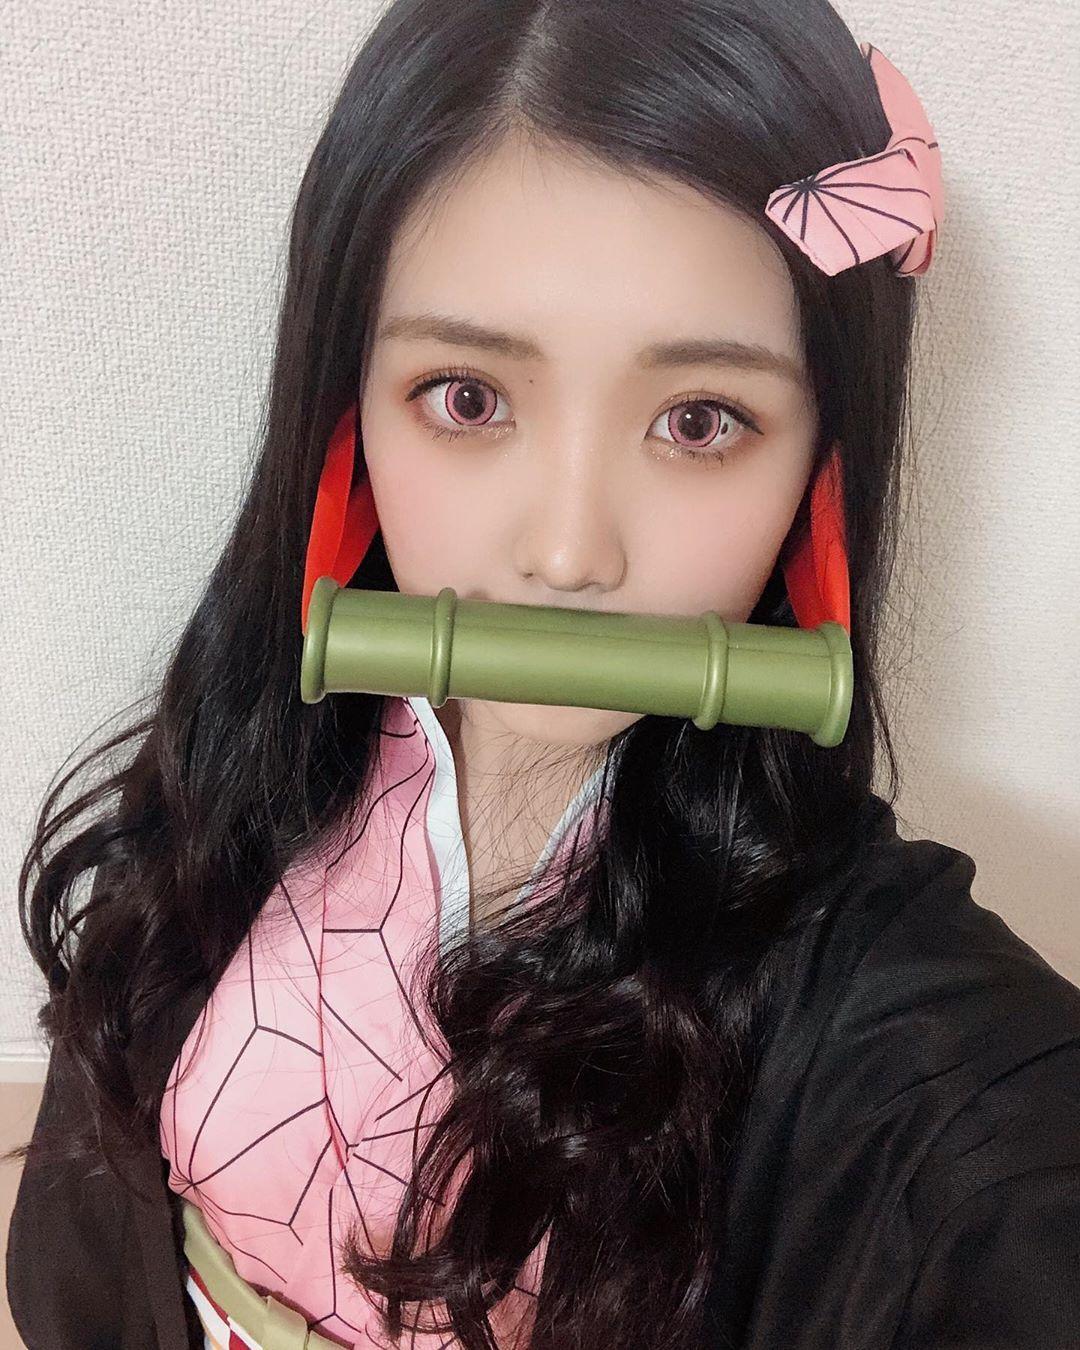 爆款出圈-日本艺人偶像竞相COS的灶门祢豆子